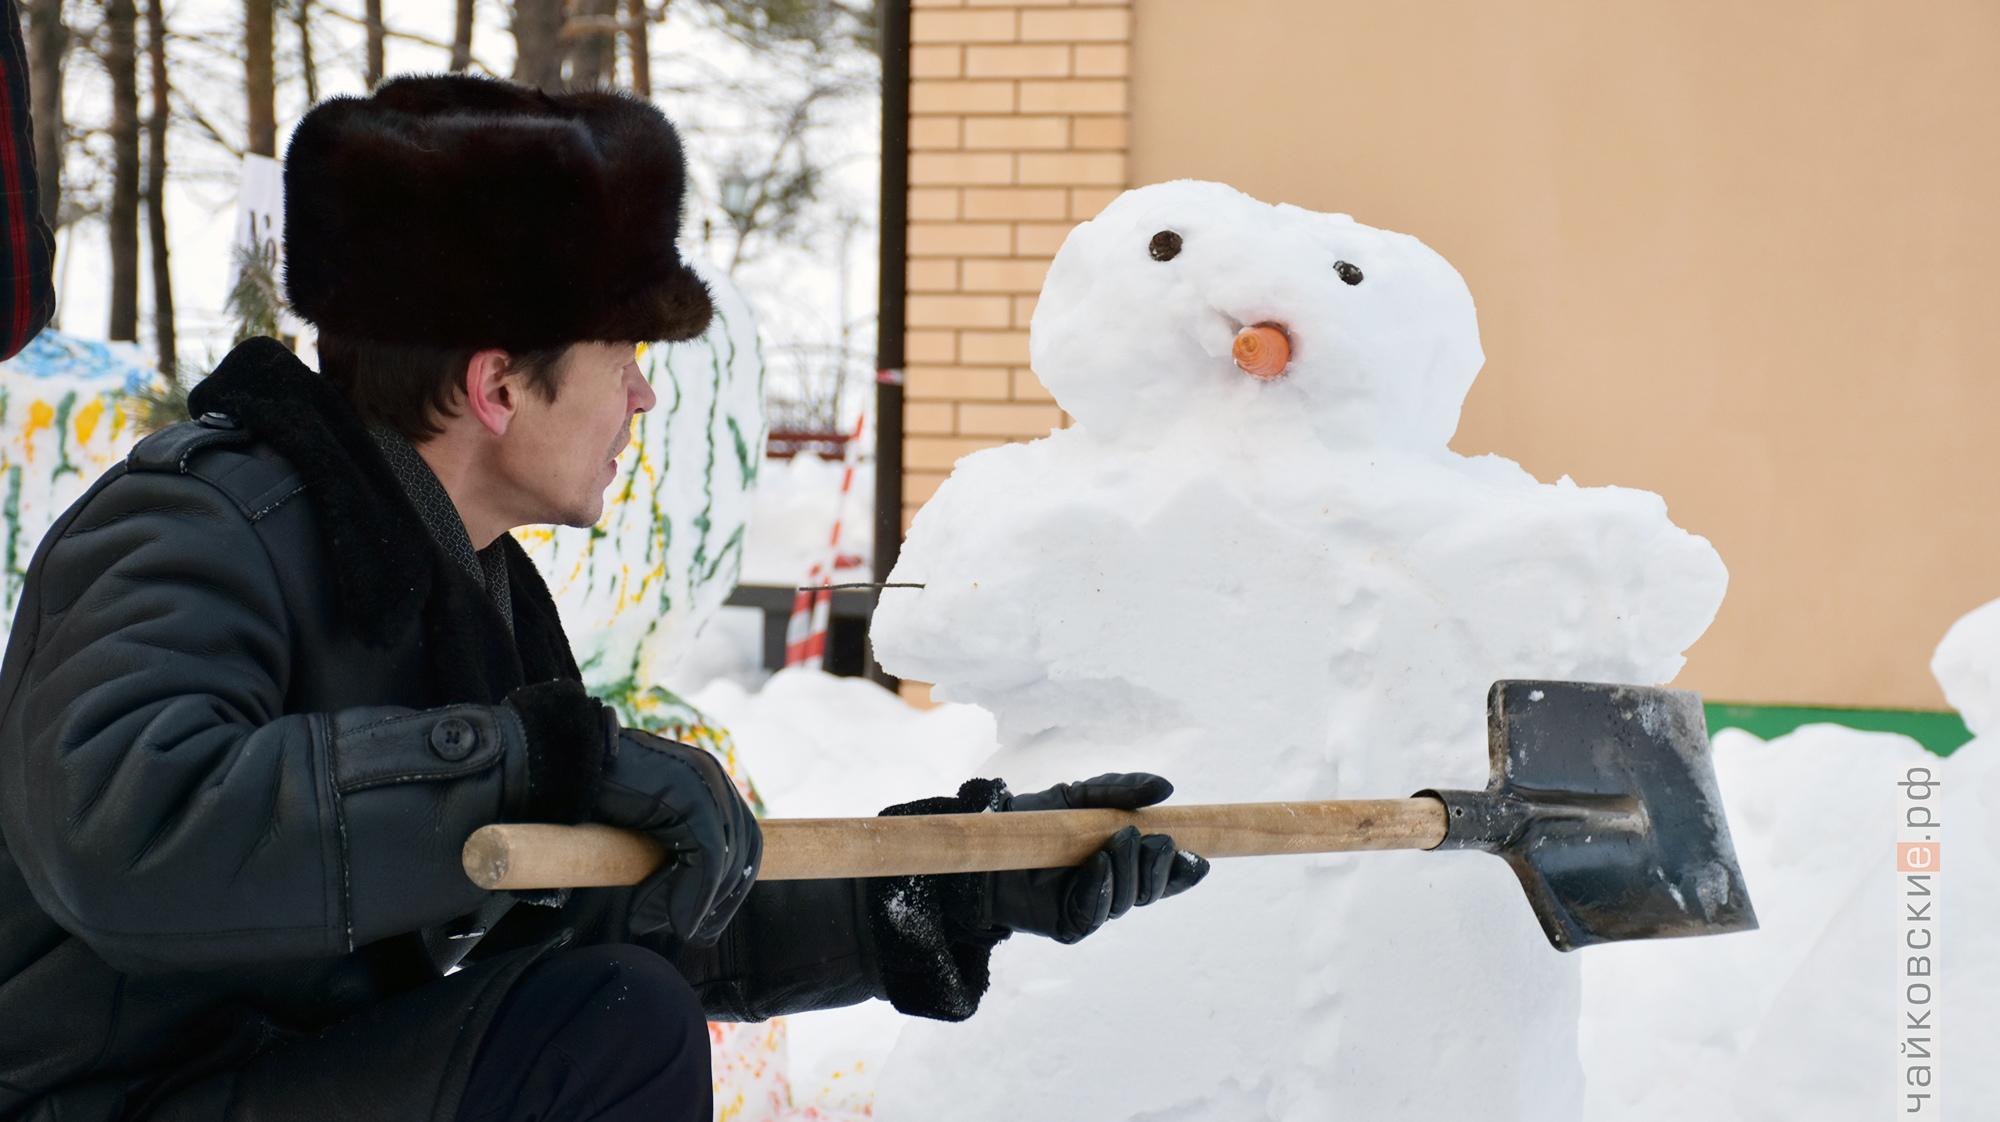 Снежный Fest, чайковский район, 2020 год